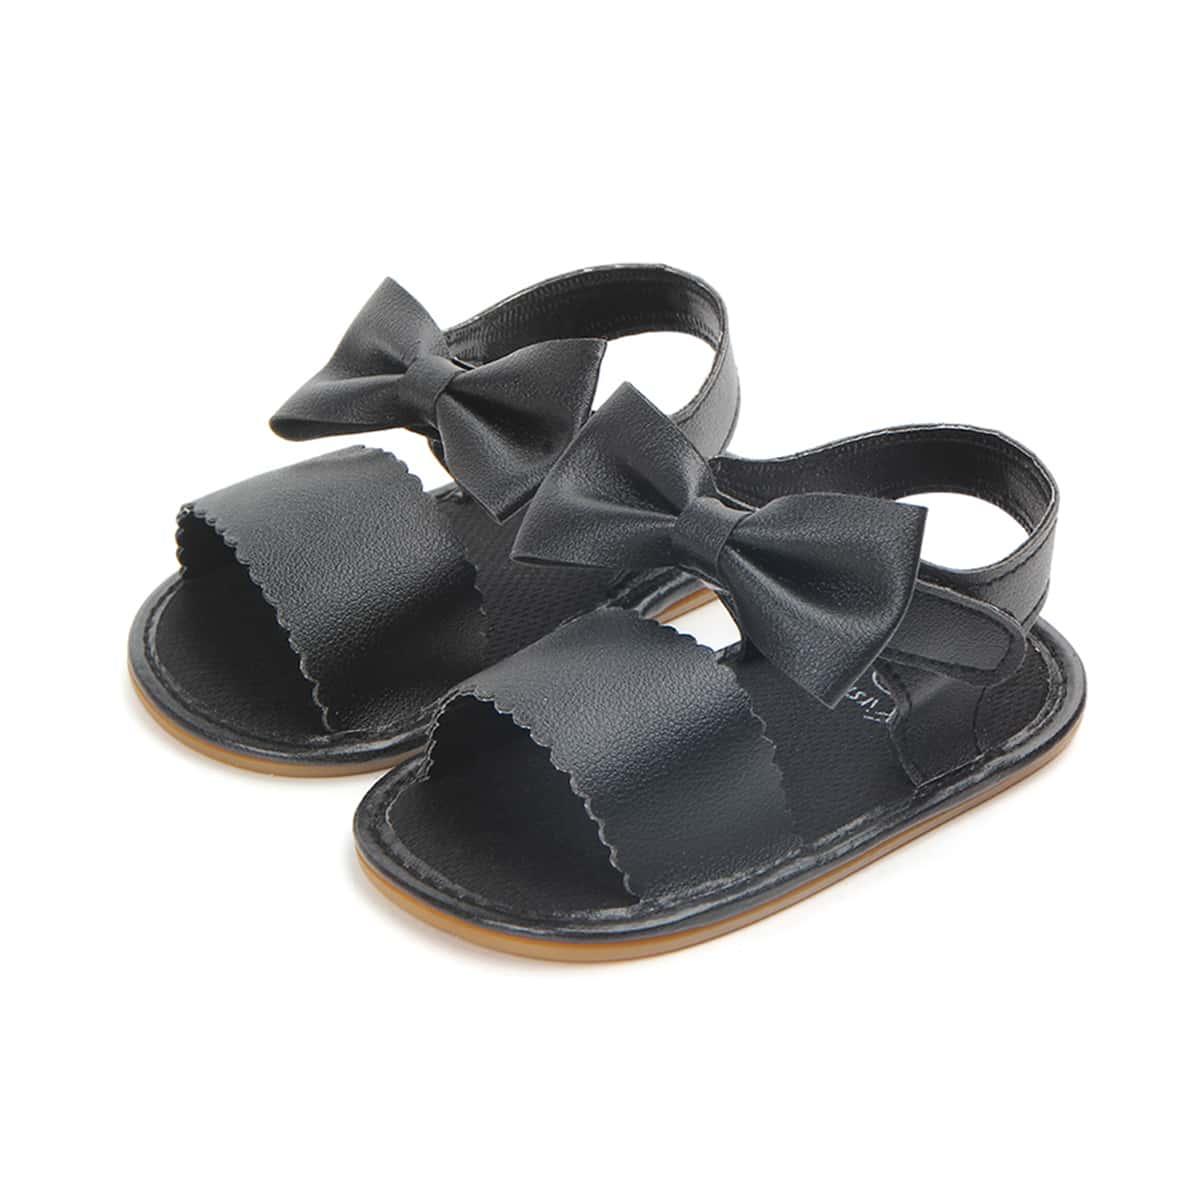 Детские сандалии с ремешком на пятке с бантом SheIn sk2108090647737759